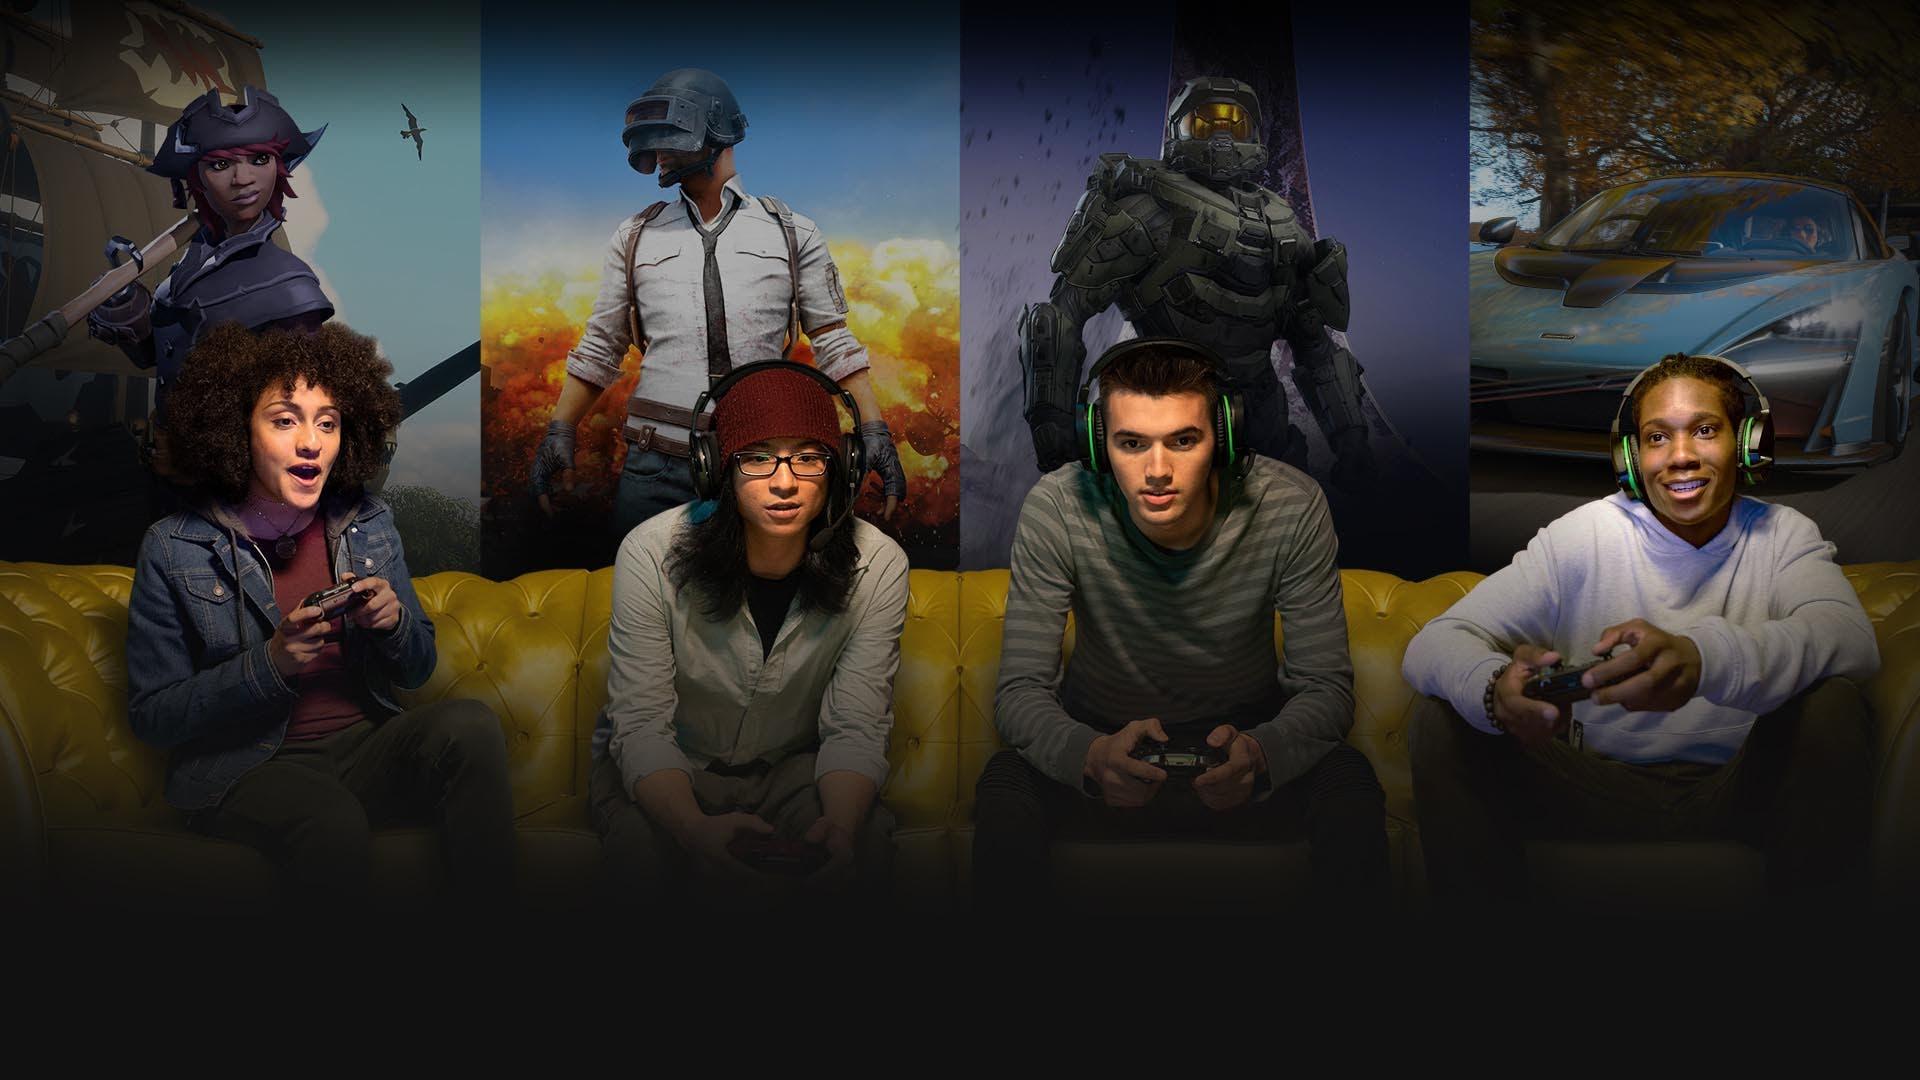 Xbox Live - Guía definitiva: Qué es, ofertas y donde comprarlo 2